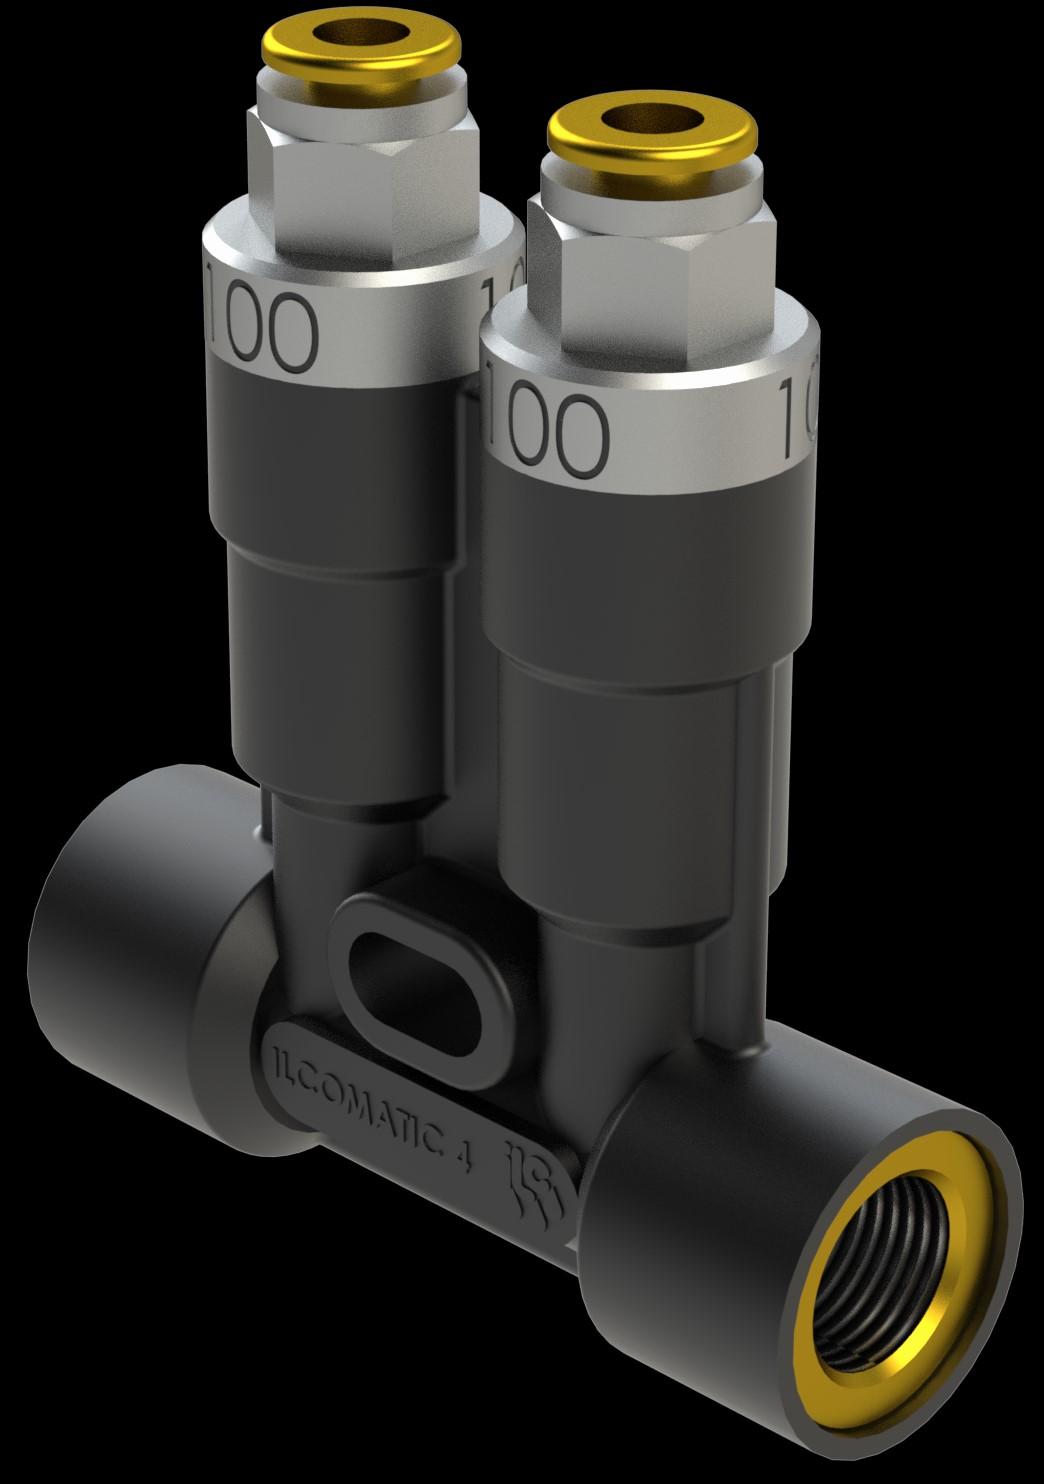 ILCOMATIC 4单线注油器